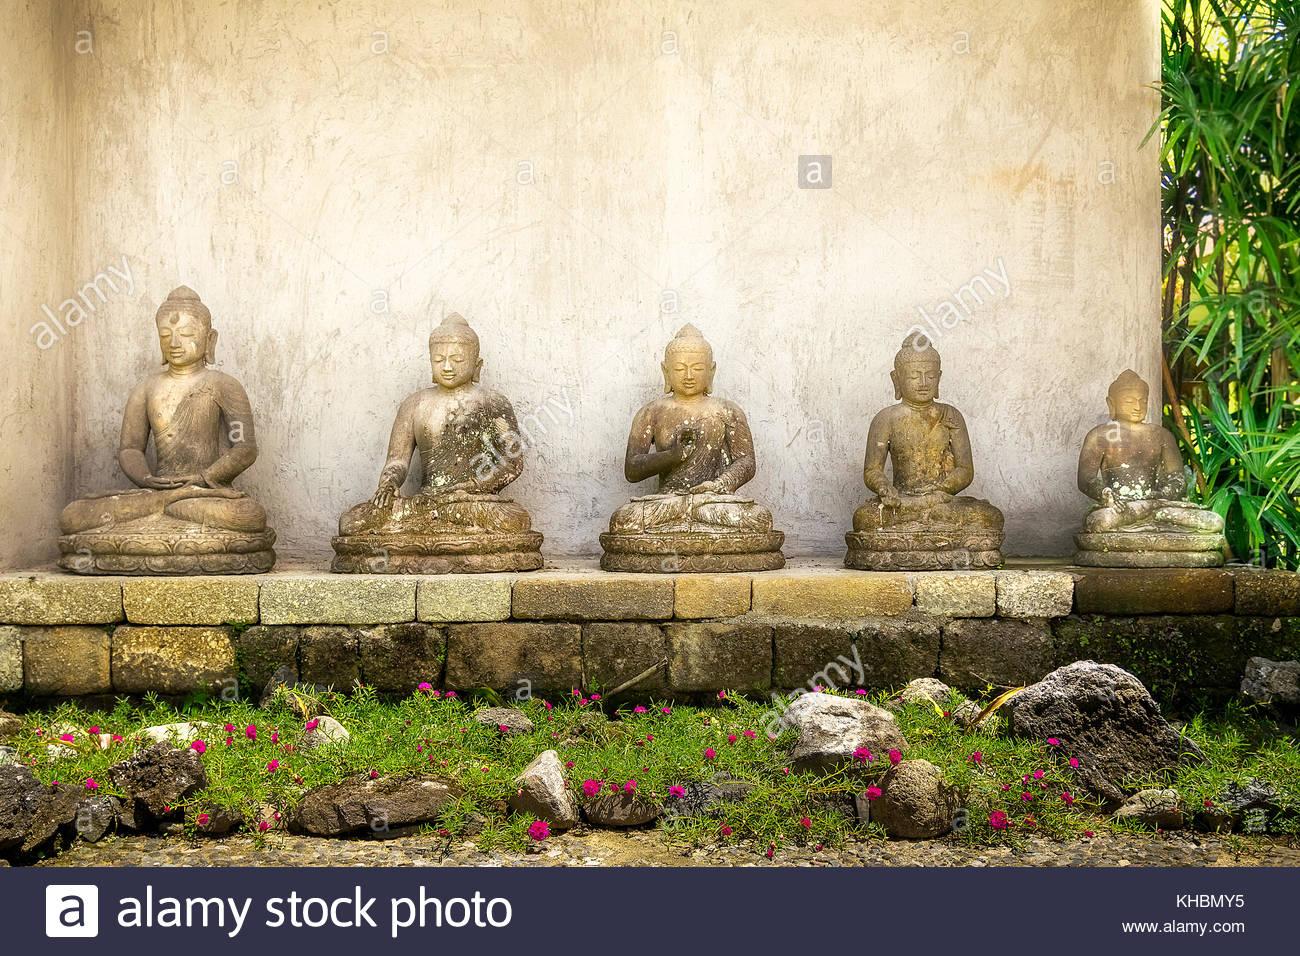 les figures de bouddha de pierre dans jardin à bali en indonésie